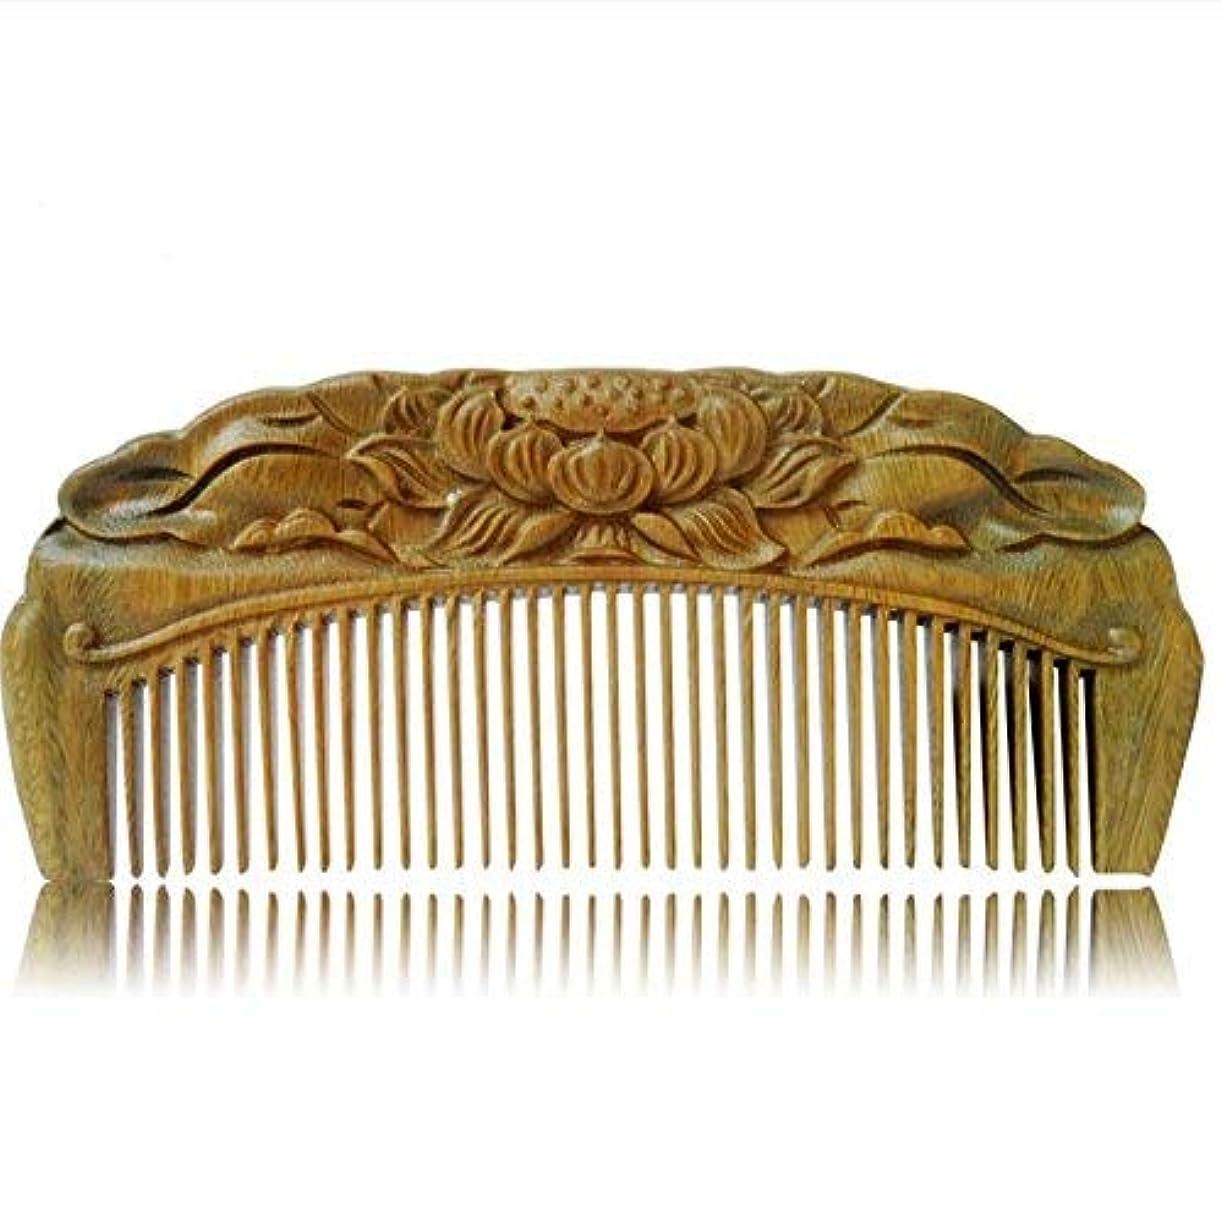 破壊的ビット接続詞Handmade Carved Natural Sandalwood Hair Comb - Anti-static Sandalwood Hair Comb Beard Brush Rake Comb Handmade...